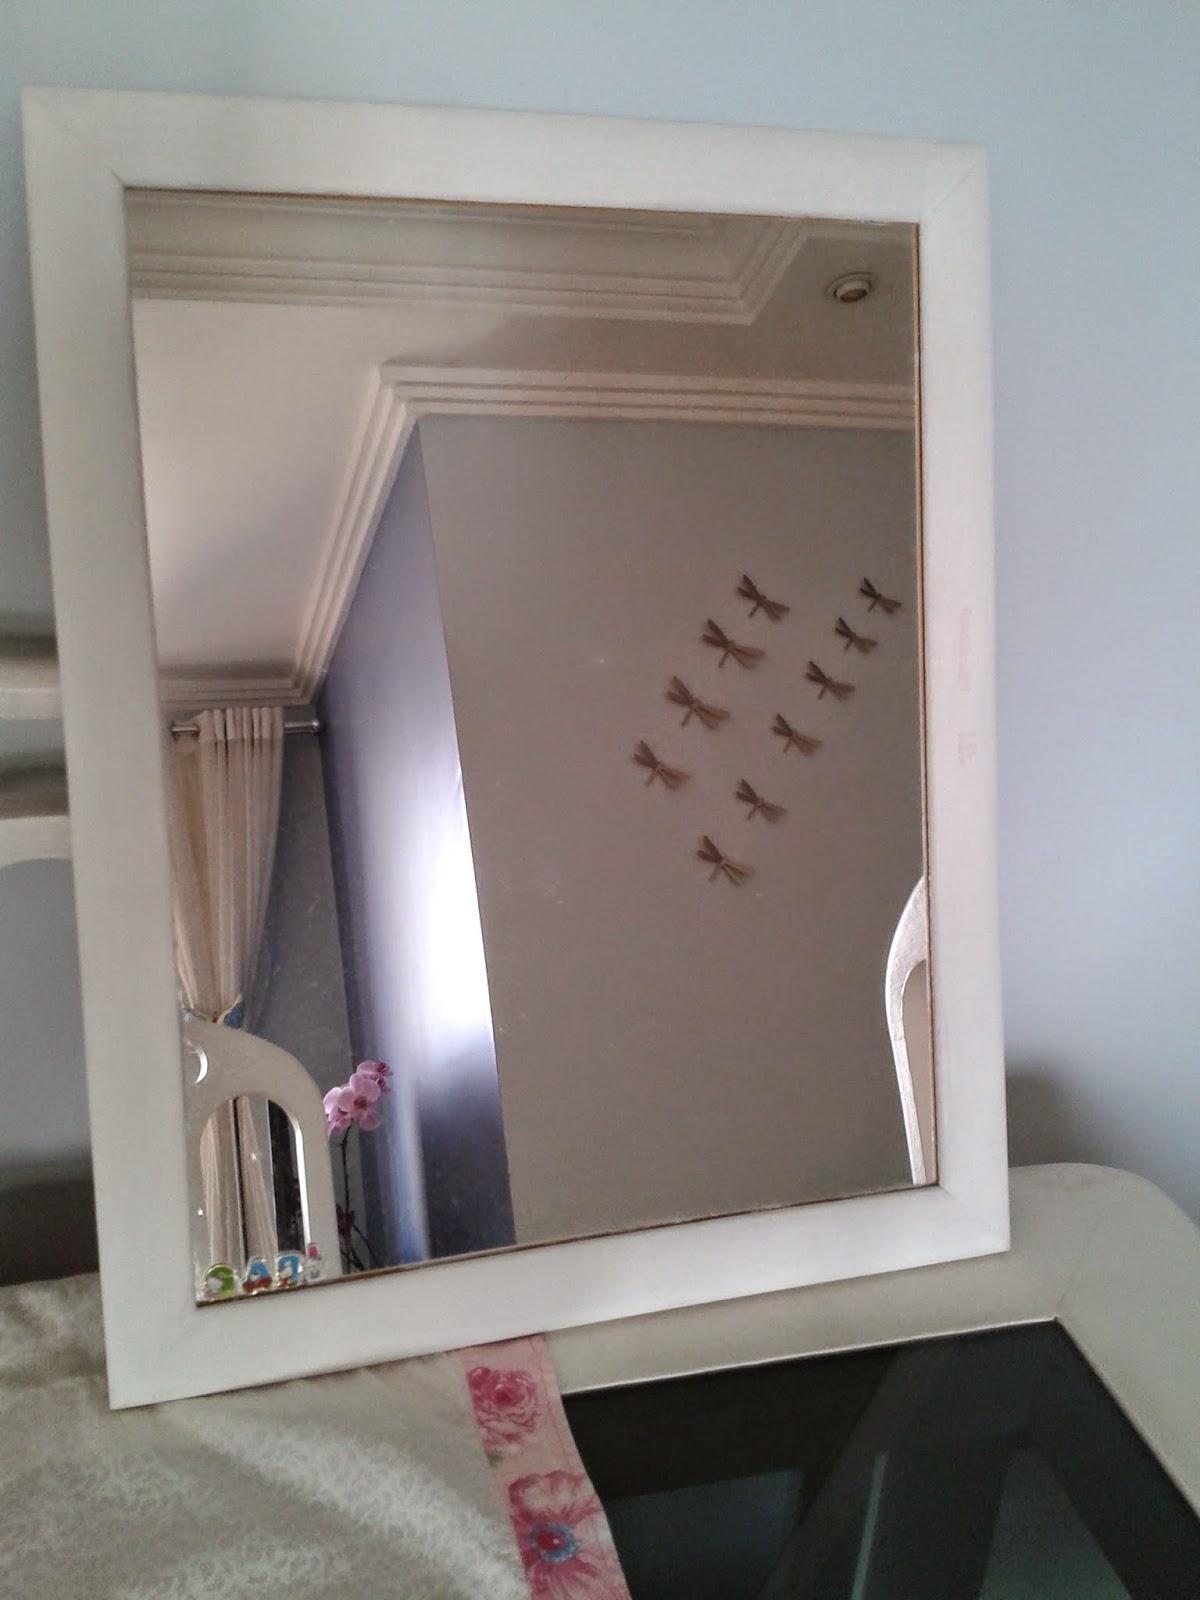 Blá Blá Blá da Rô Moldura de espelho customizada com flores de papel -> Banheiro Feminino Bla Bla Bla